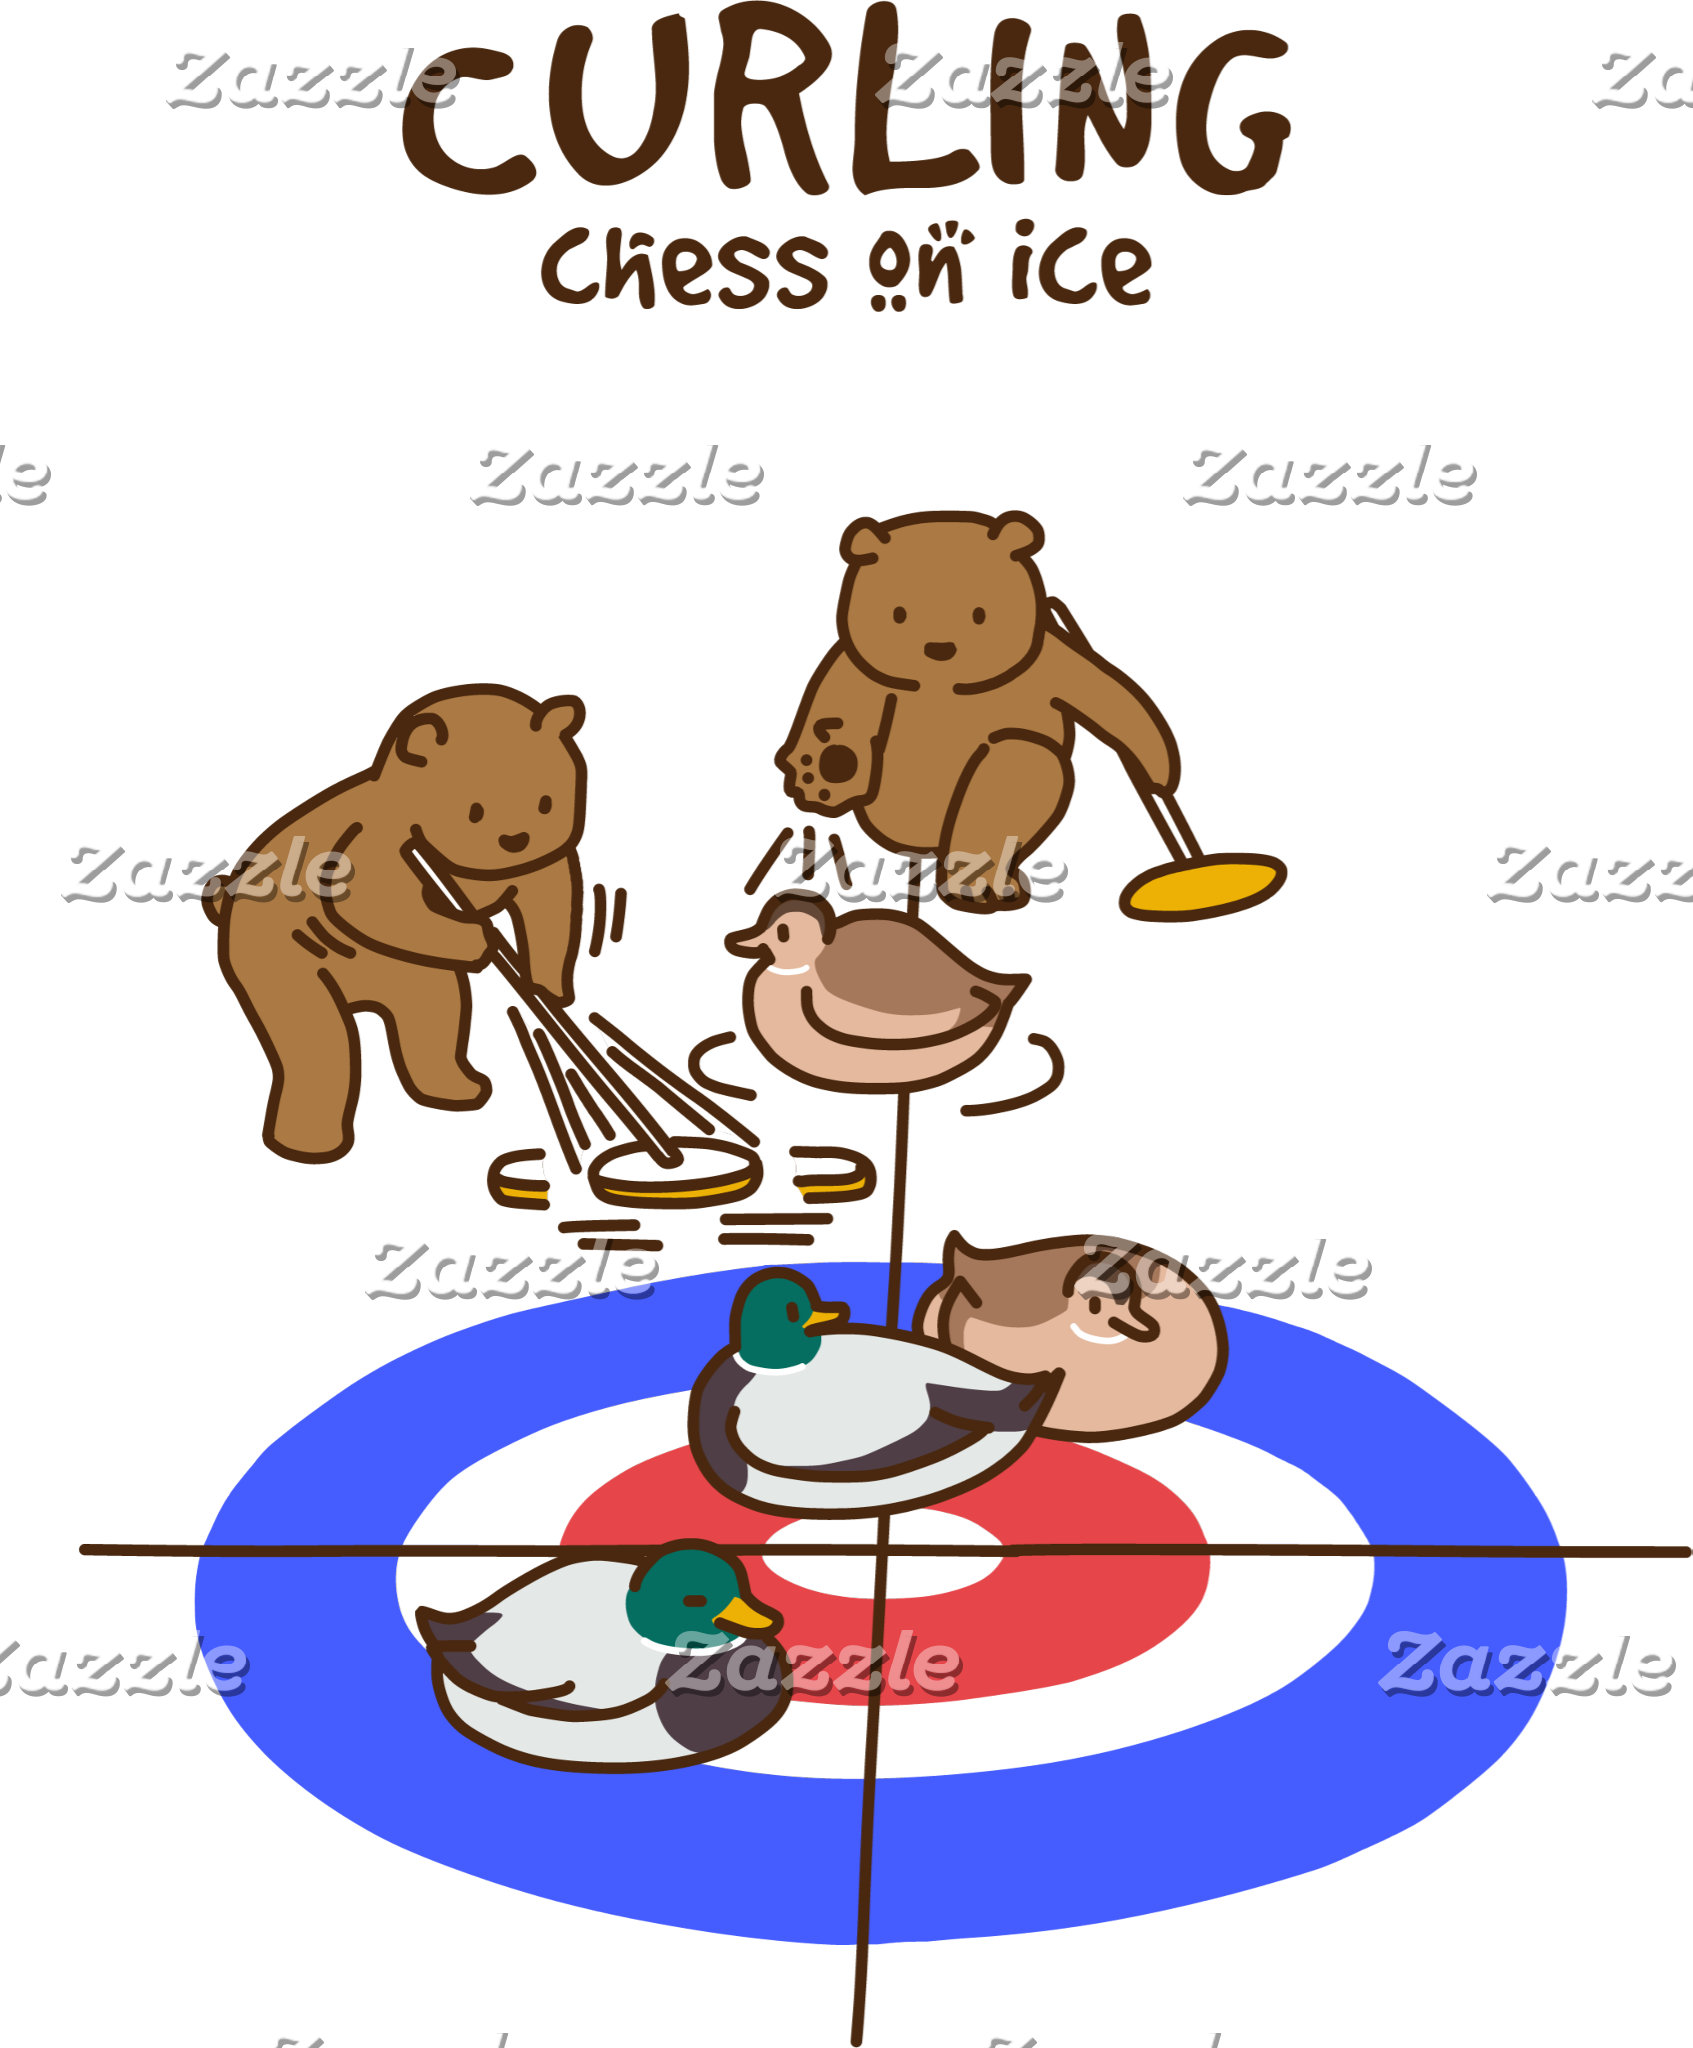 【鴨カーリング】 Mallard Curling